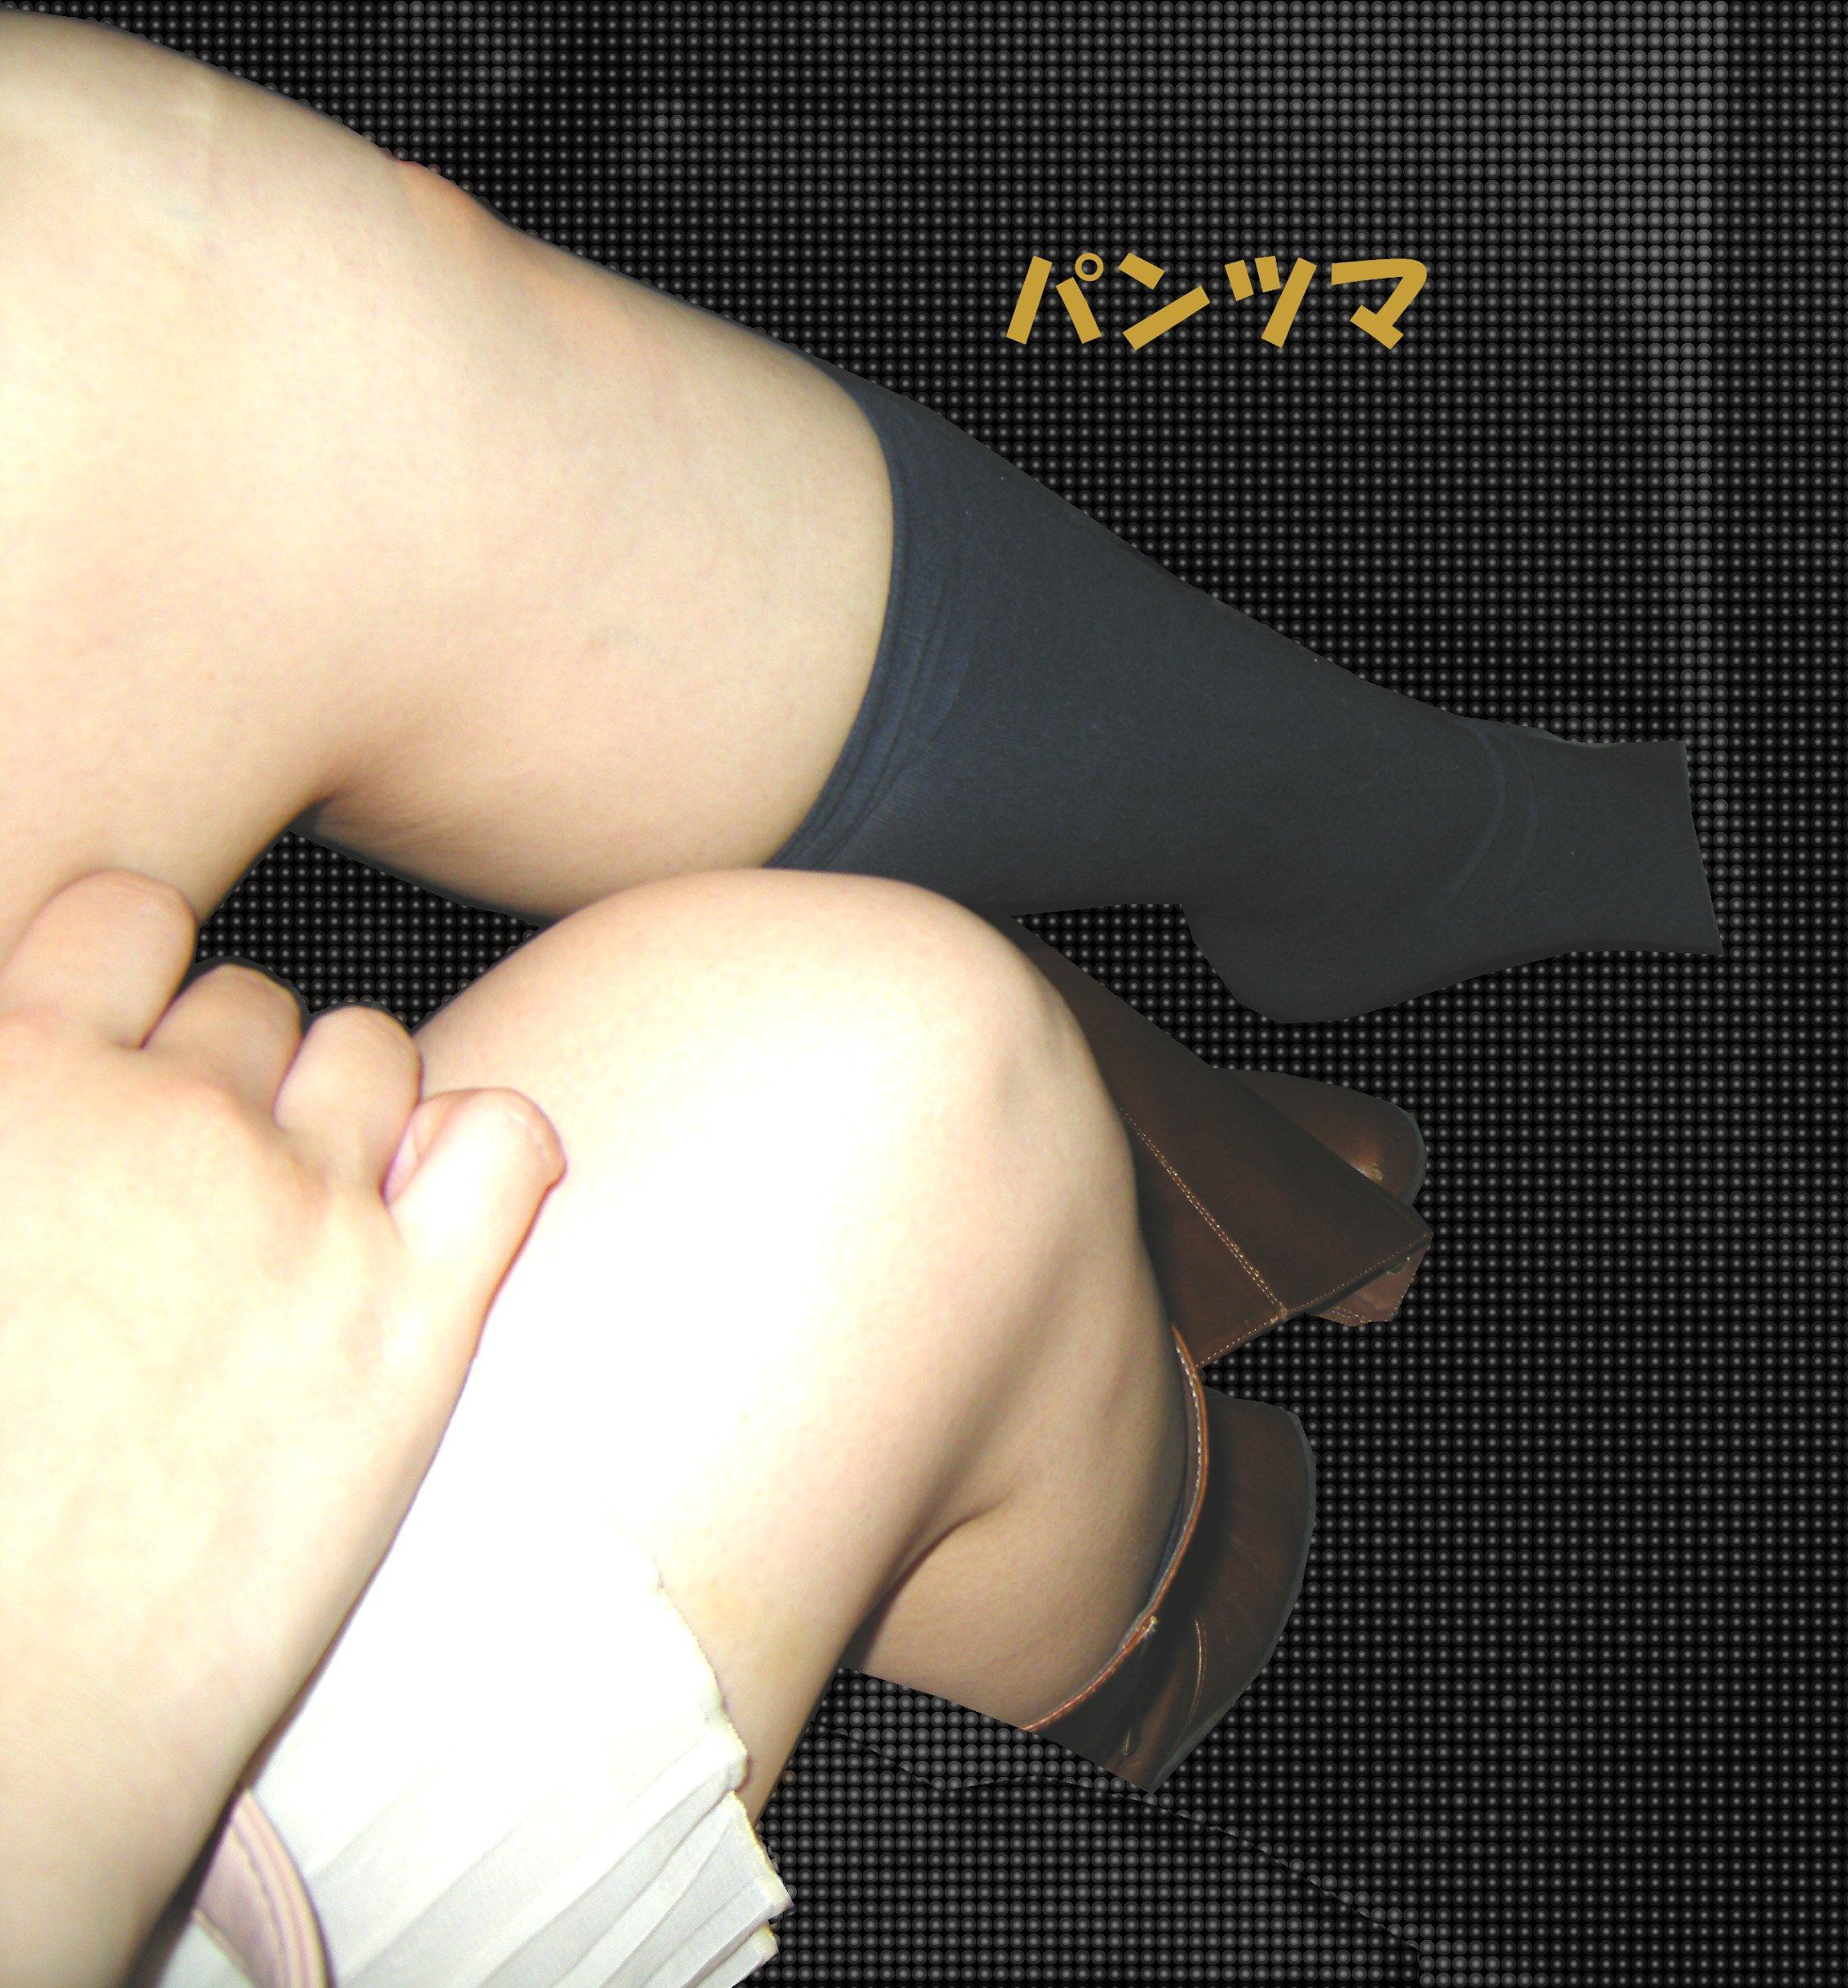 【スケスケ】ナイロンハイソックス11【目一杯抜いて!】 [無断転載禁止]©bbspink.comYouTube動画>12本 ->画像>350枚